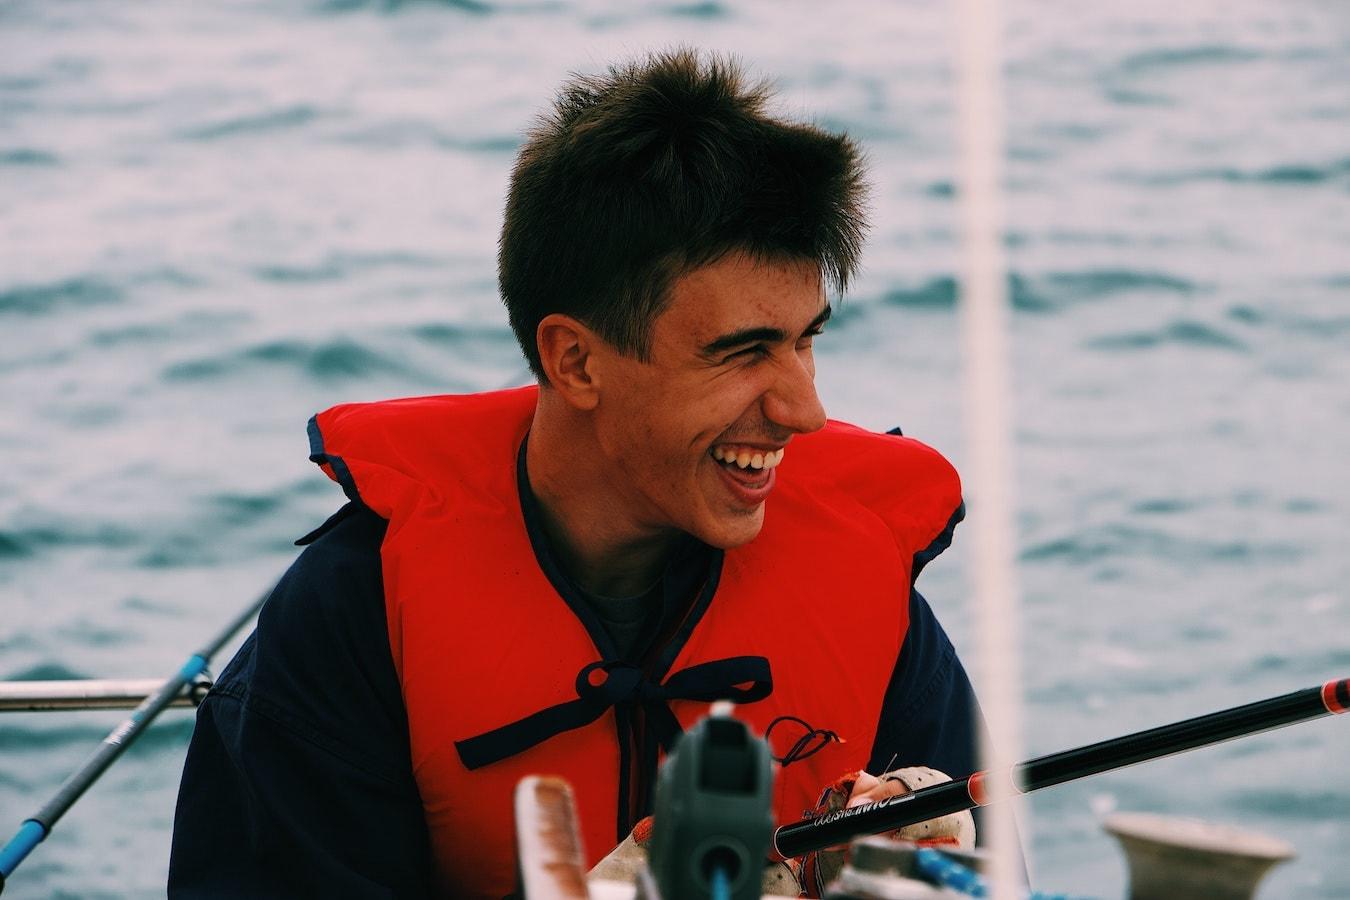 junger Mann lächelt auf einem Boot gute Laune positive Gedanken stärken die Selbstheilung